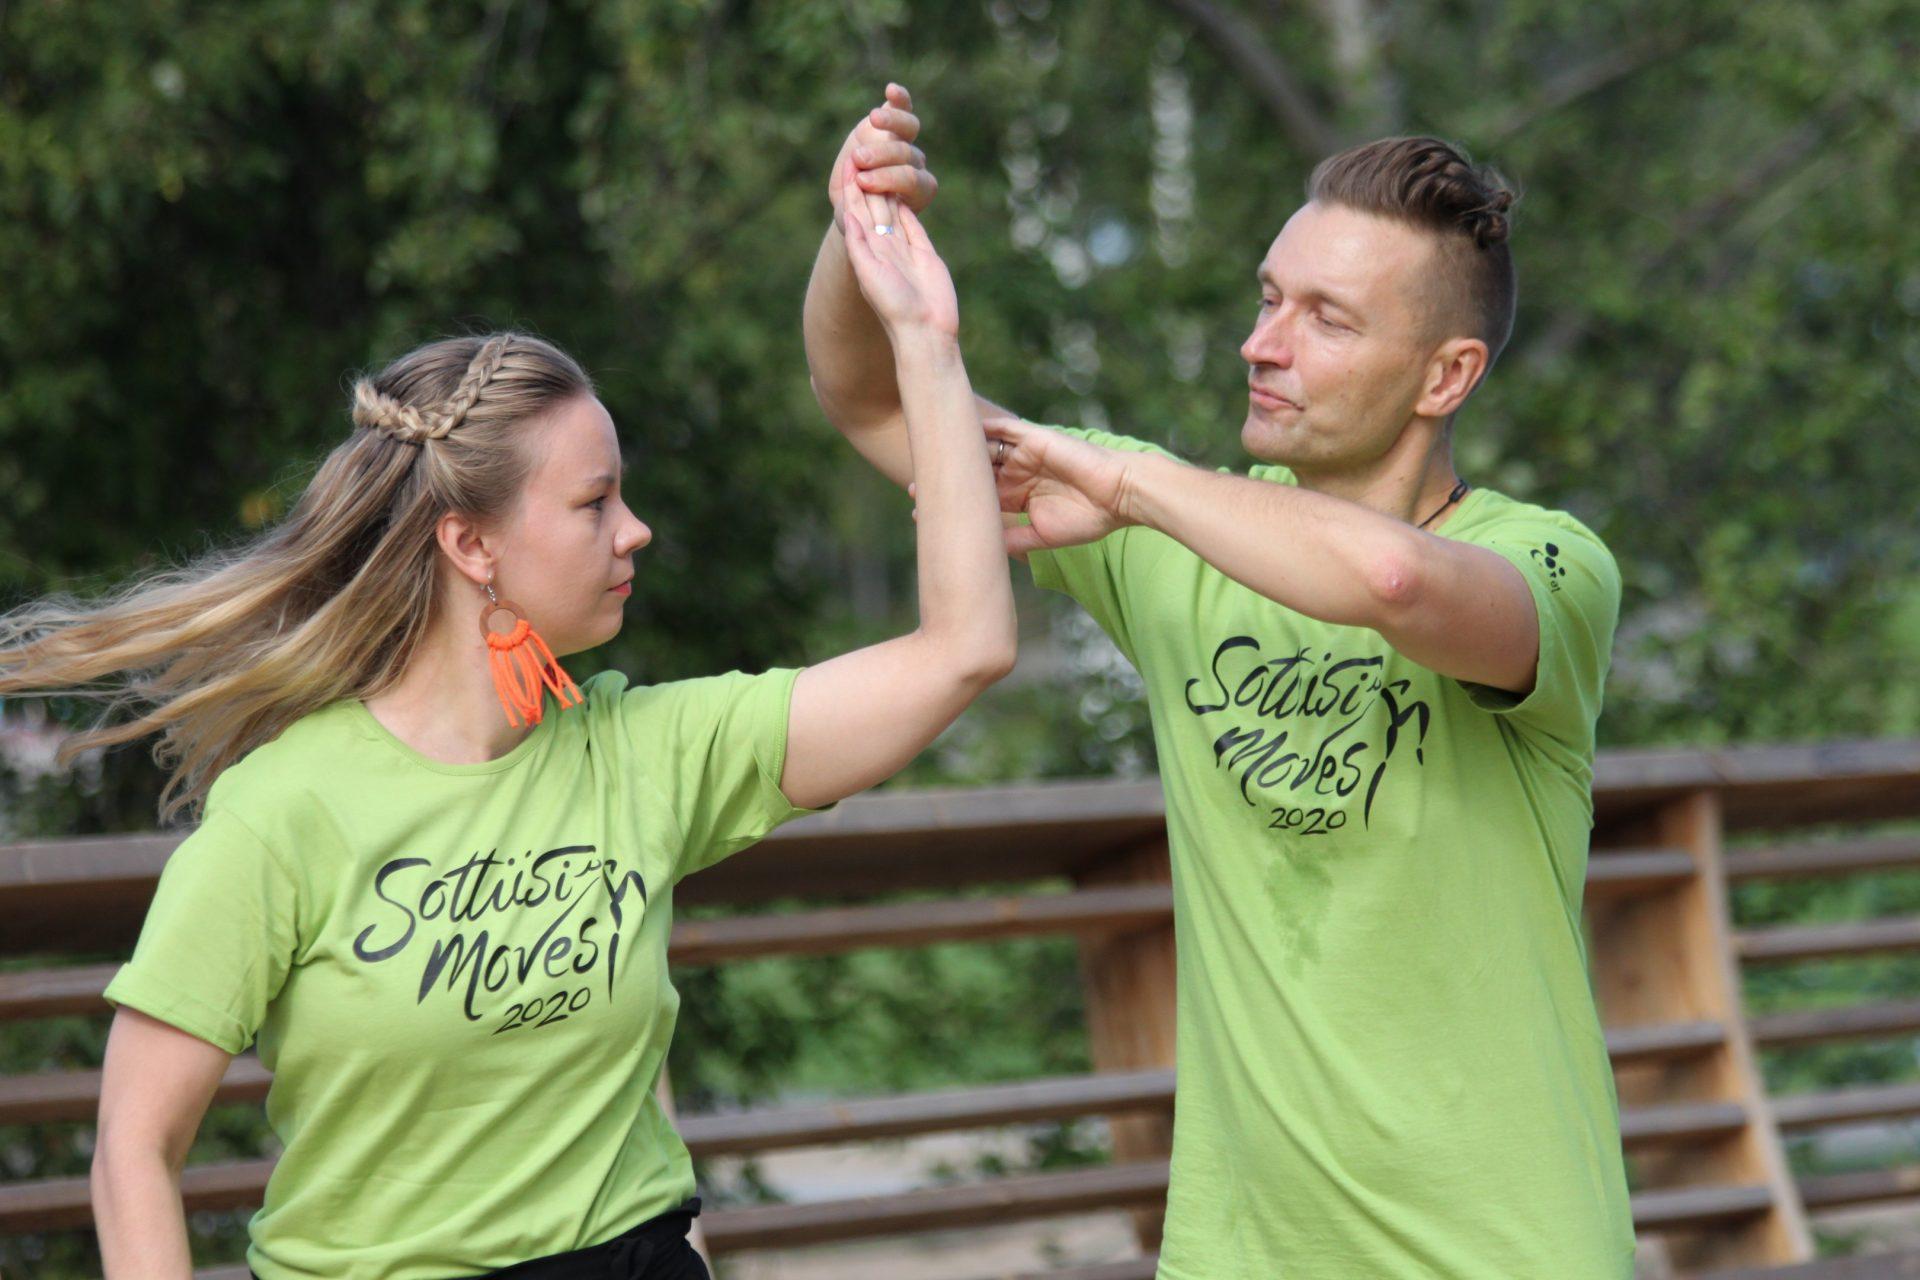 Pari tanssii ulkona SottiisiMovesin vihreissä t-paidoissa. Taustalla näkyy vehreitä puita.